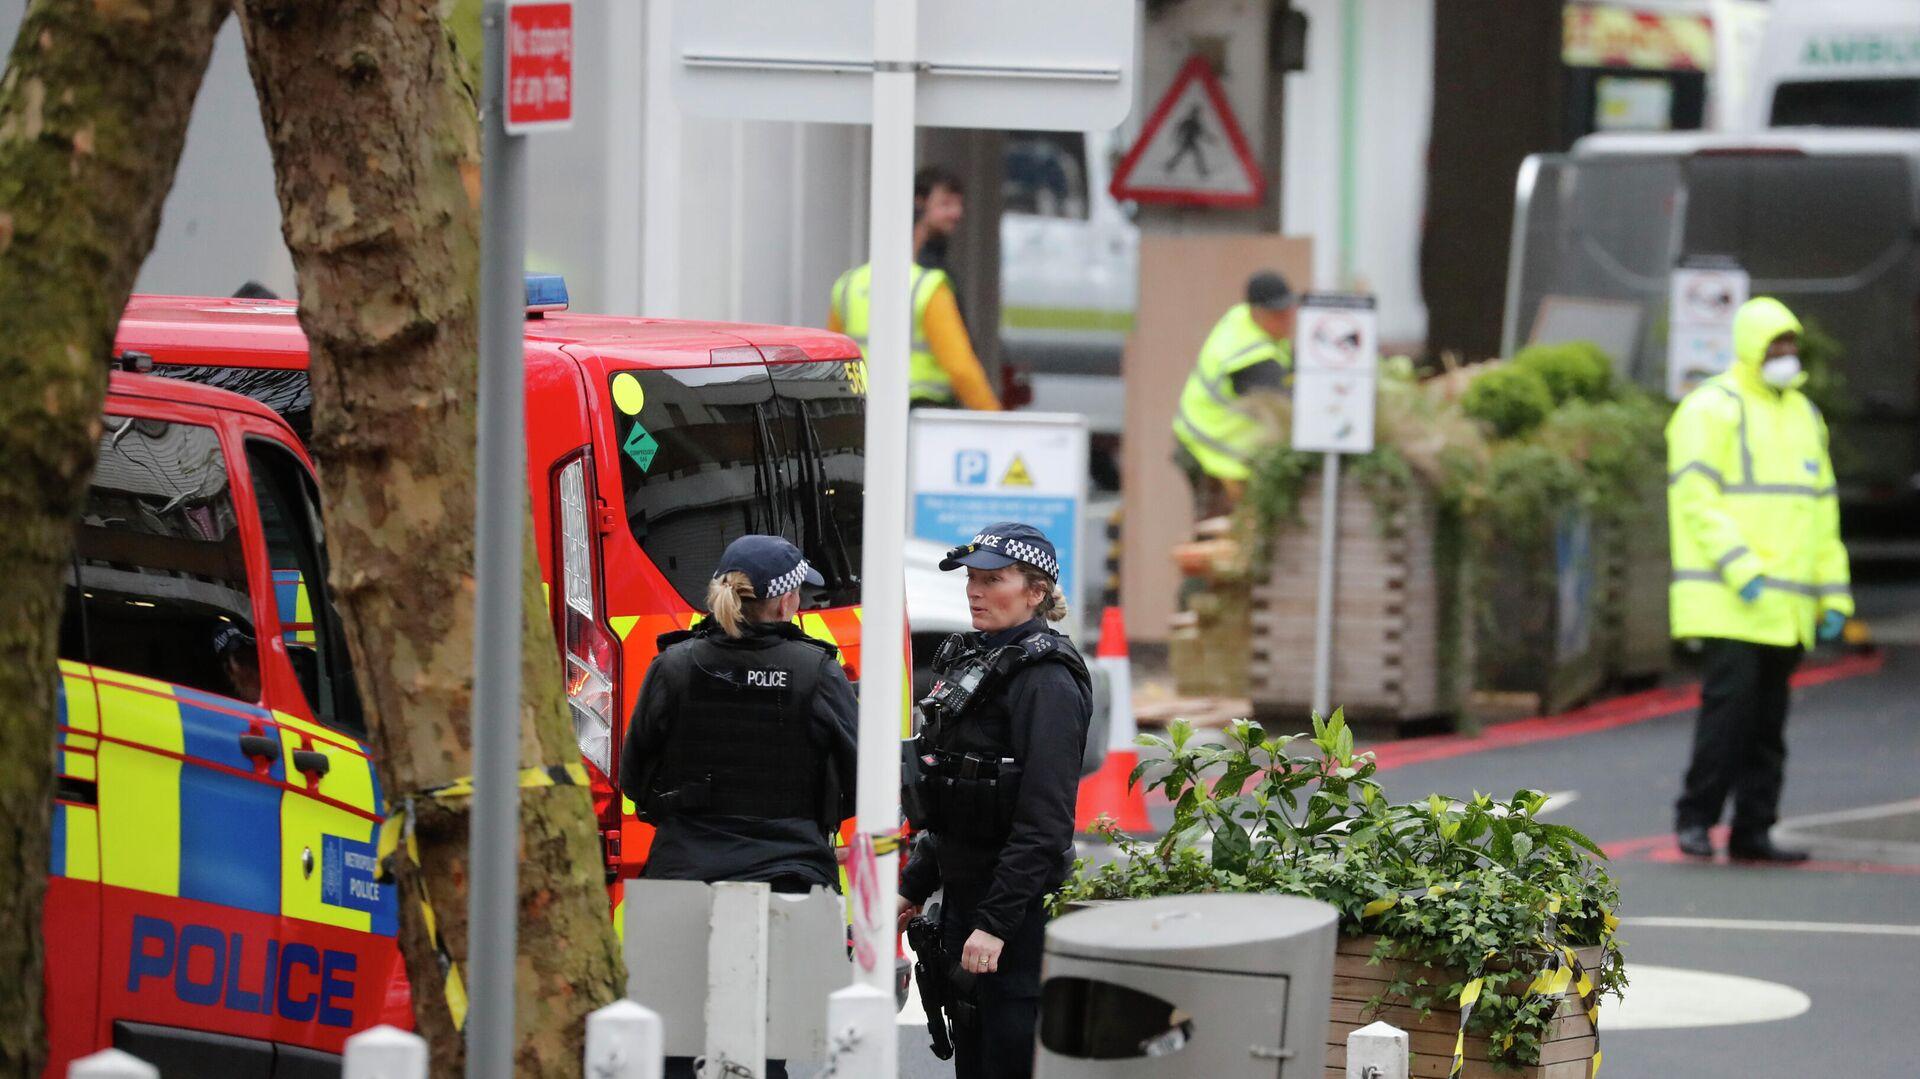 Сотрудники полиции дежурят возле больницы в Лондоне, где, предположительно, находится премьер-министр Великобритании Борис Джонсон - РИА Новости, 1920, 28.11.2020